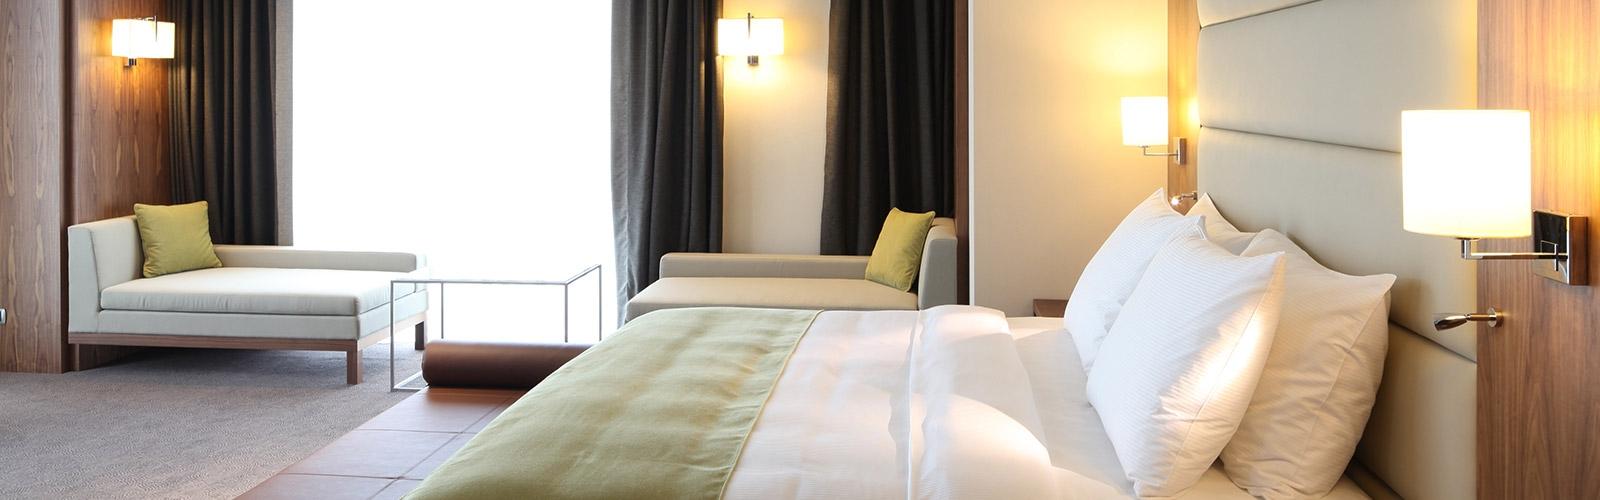 hotellerie 1